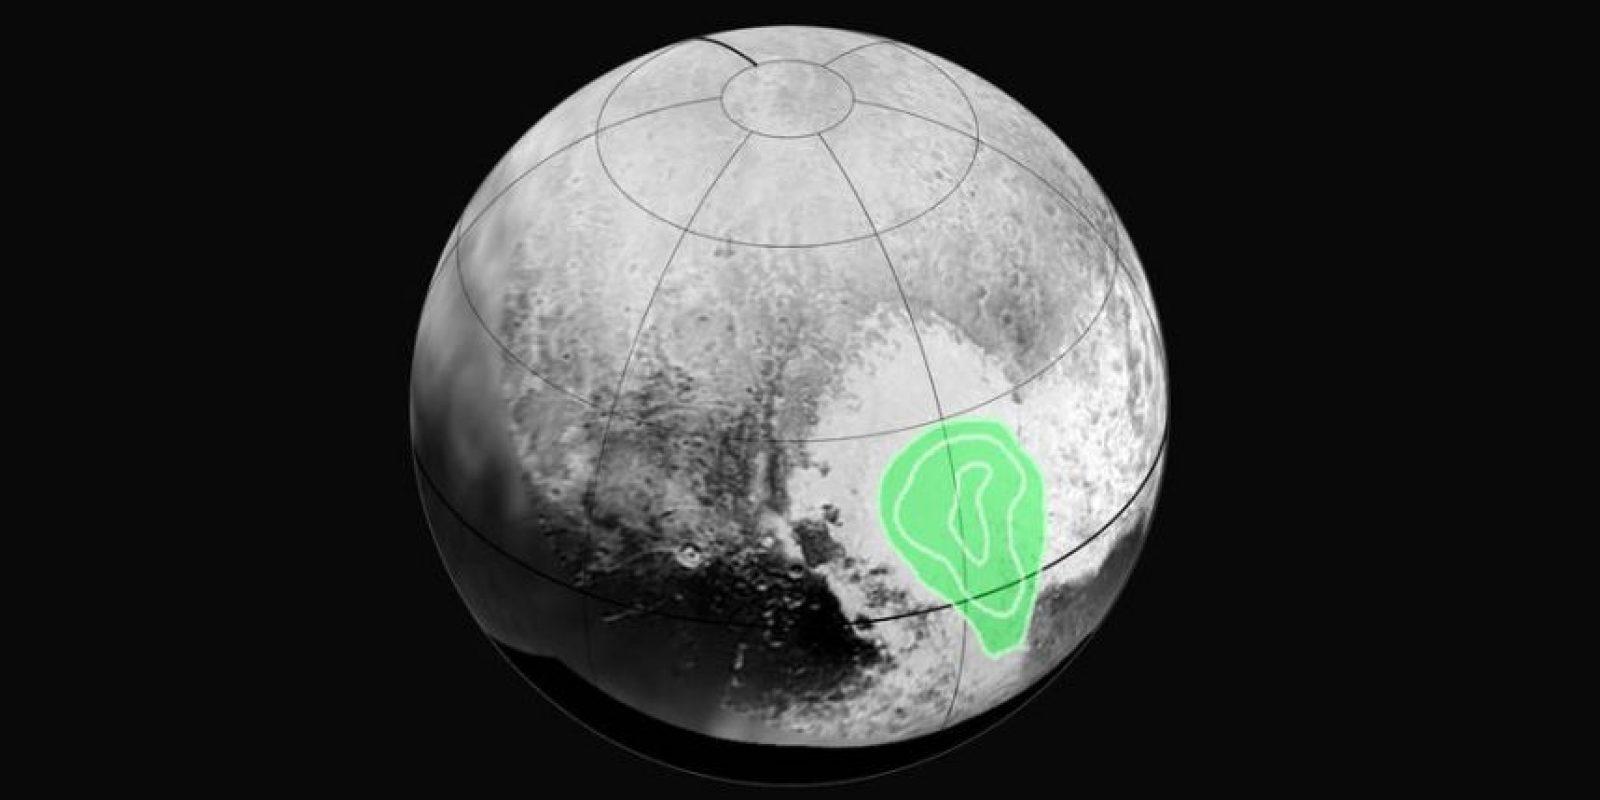 Científicos de la NASA continúan explorando el planeta.